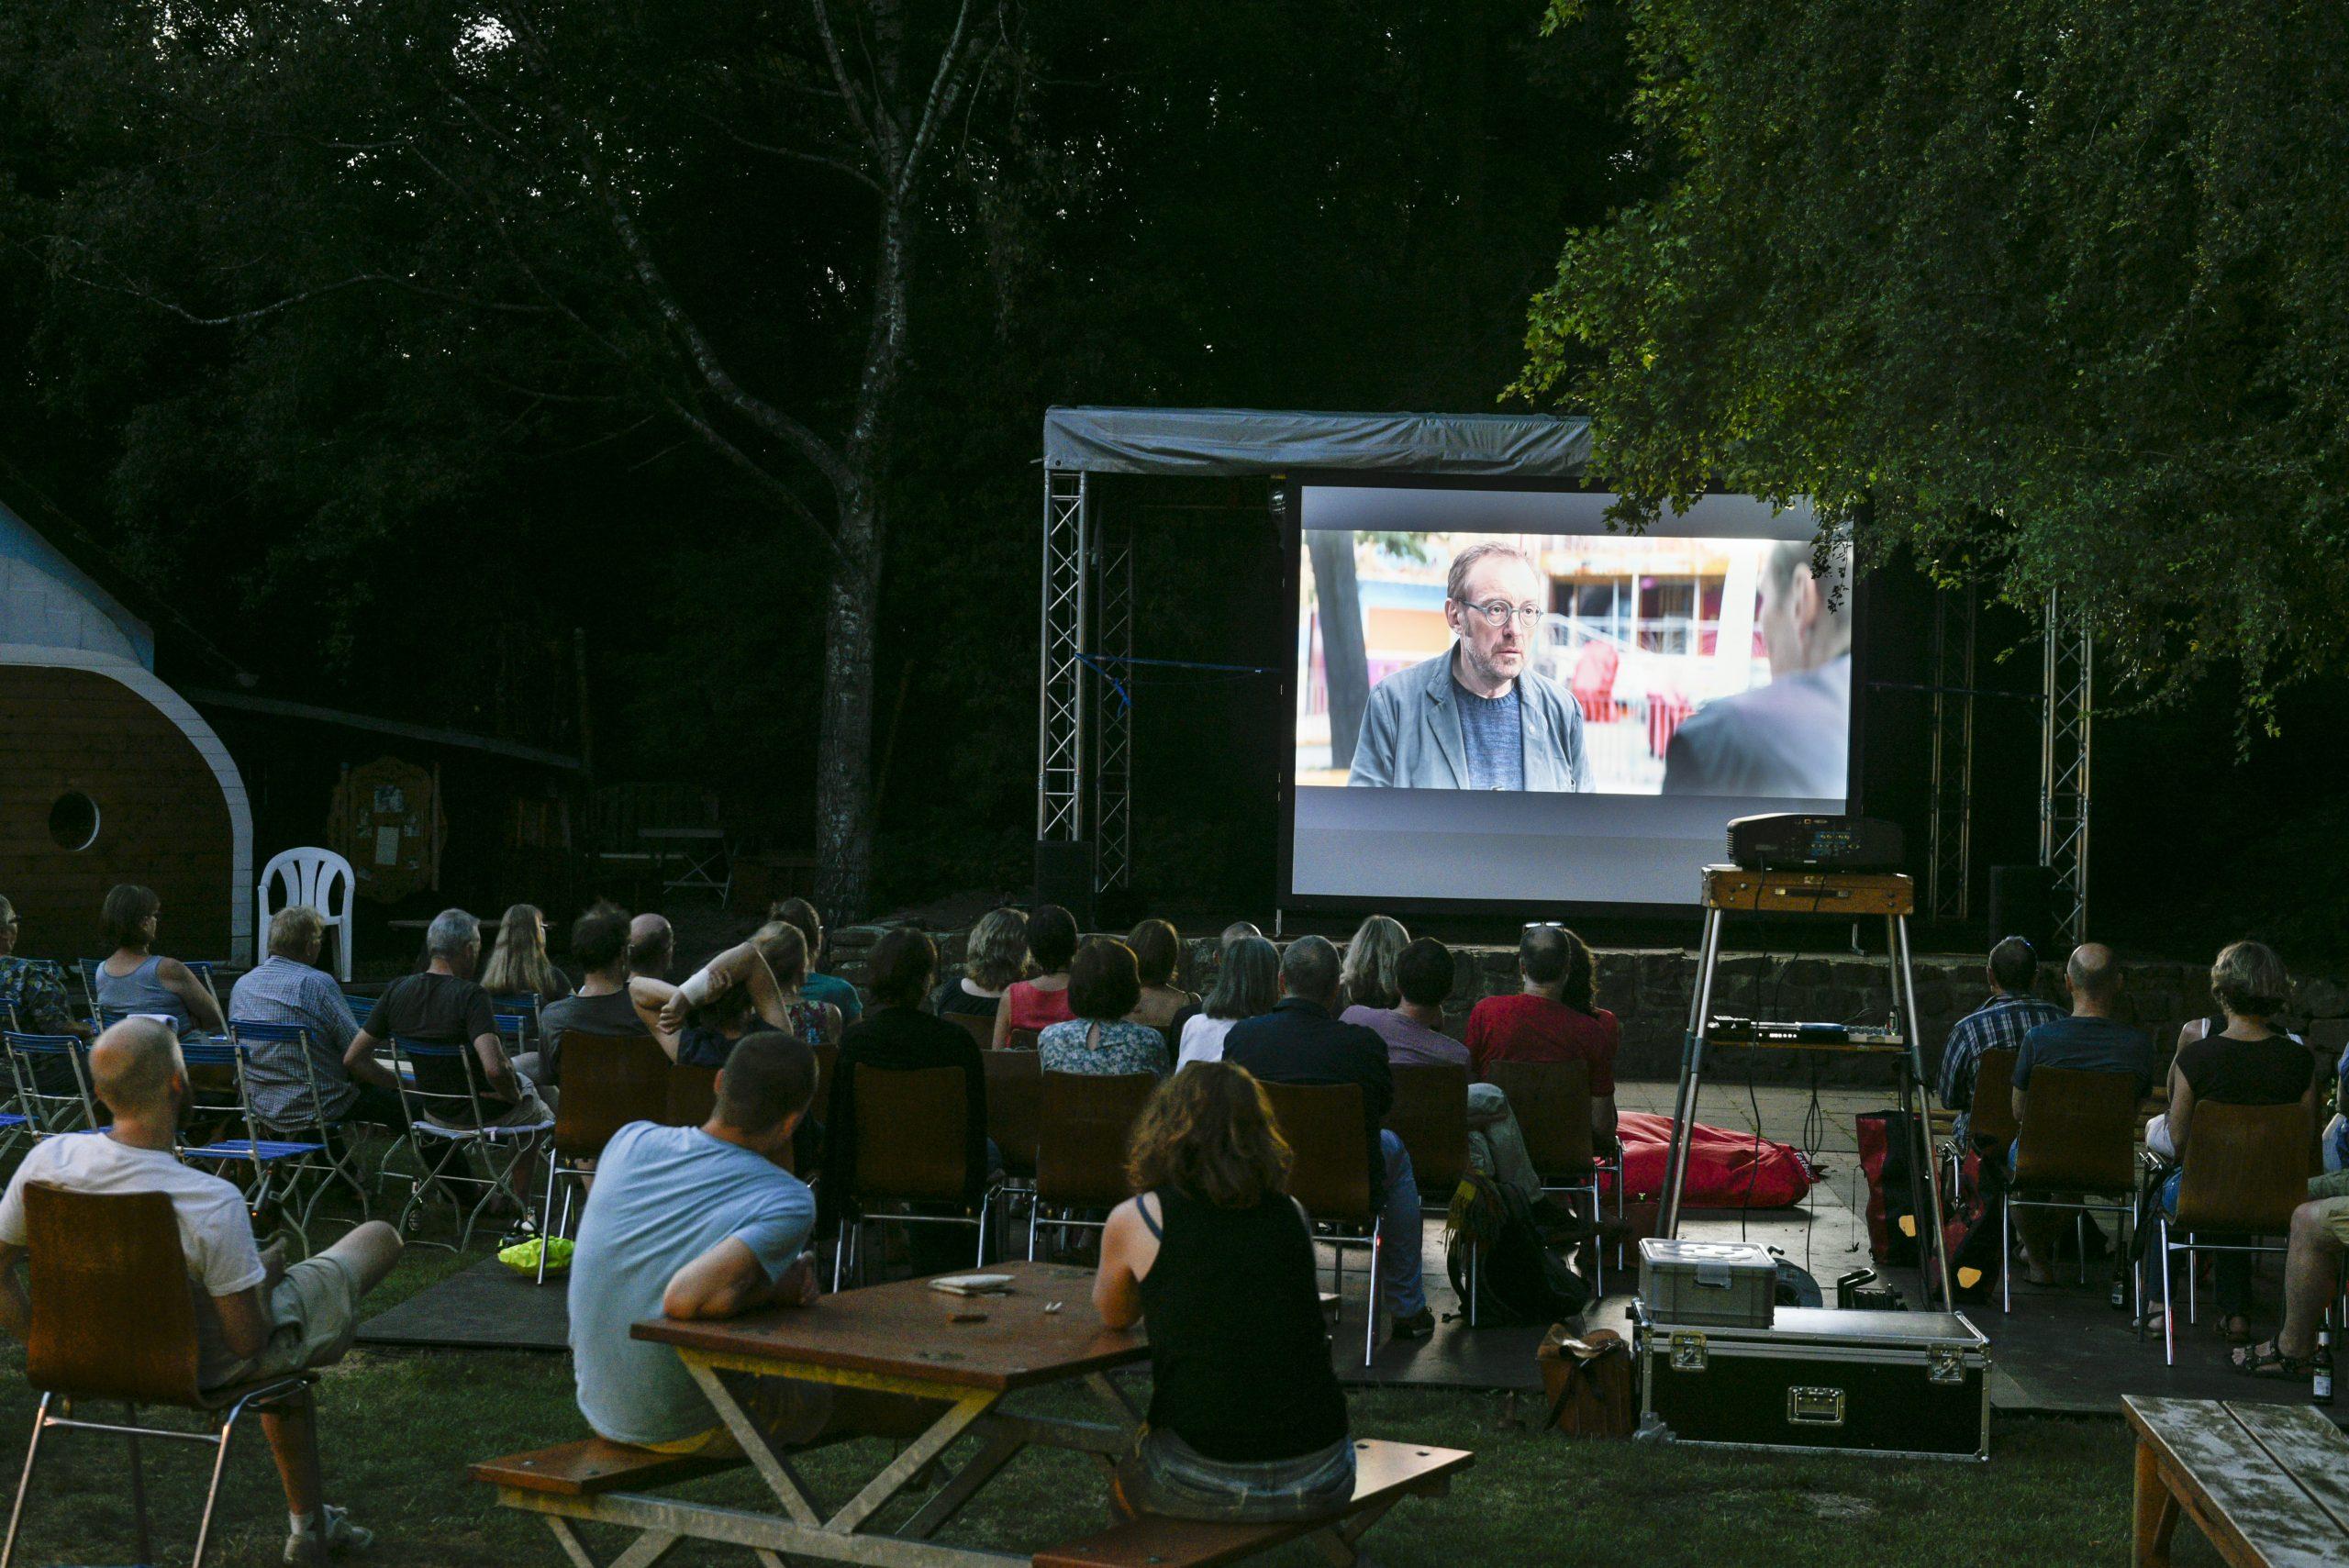 """Open Air-Kino-Situation. Zuschauer sind im Dunklen sitzend von hinten fotografiert, wie sie den Film """"Wilde Maus"""" auf einer großen Leinwand verfolgen"""